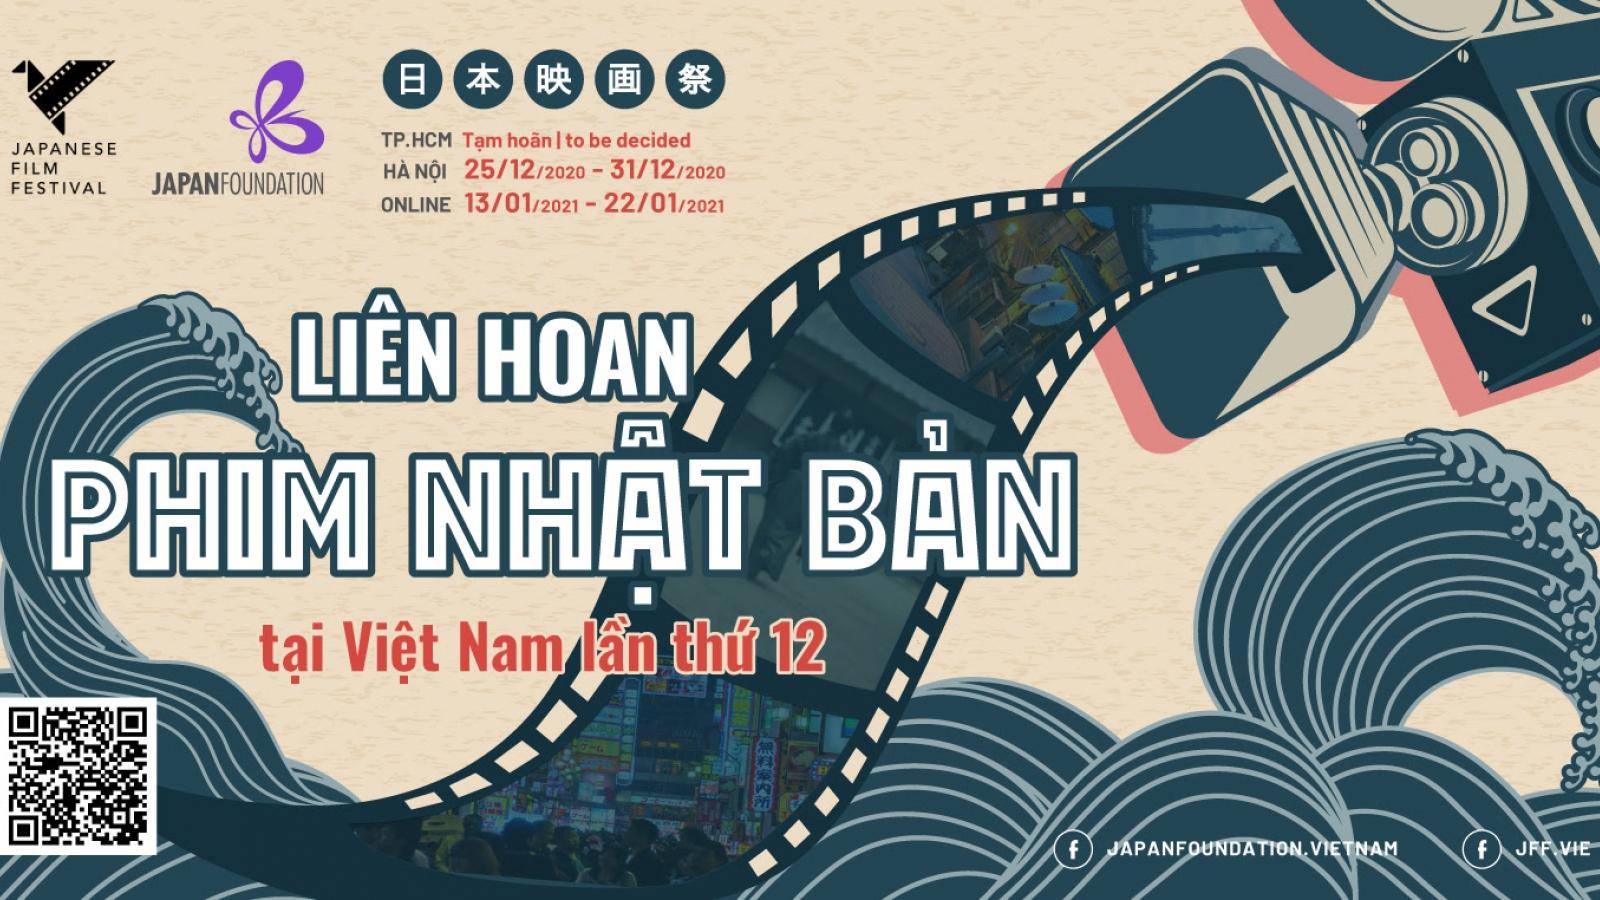 Liên hoan phim Nhật Bản tại Việt Nam lần thứ 12 công chiếu tại rạp và trực tuyến